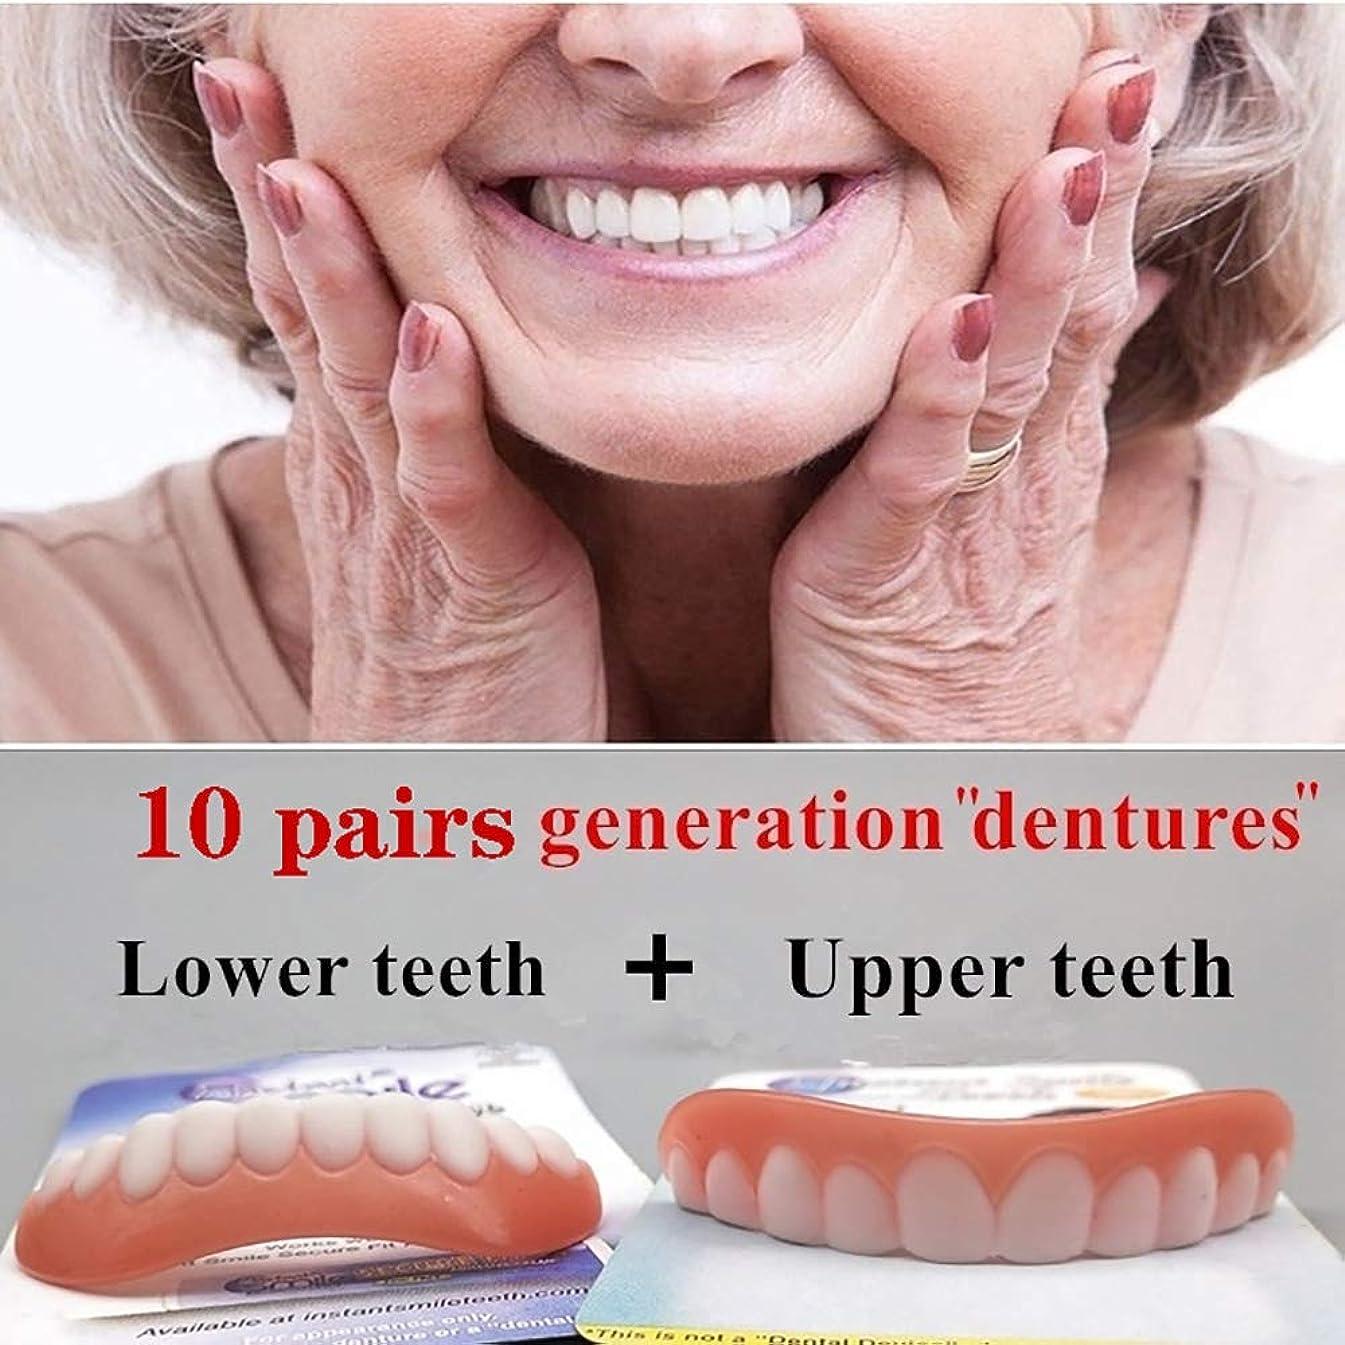 注釈藤色ベイビー20個の歯の快適さフィットフレックス化粧品の歯義歯の歯のトップ化粧品のベニヤシミュレーションブレース新しい